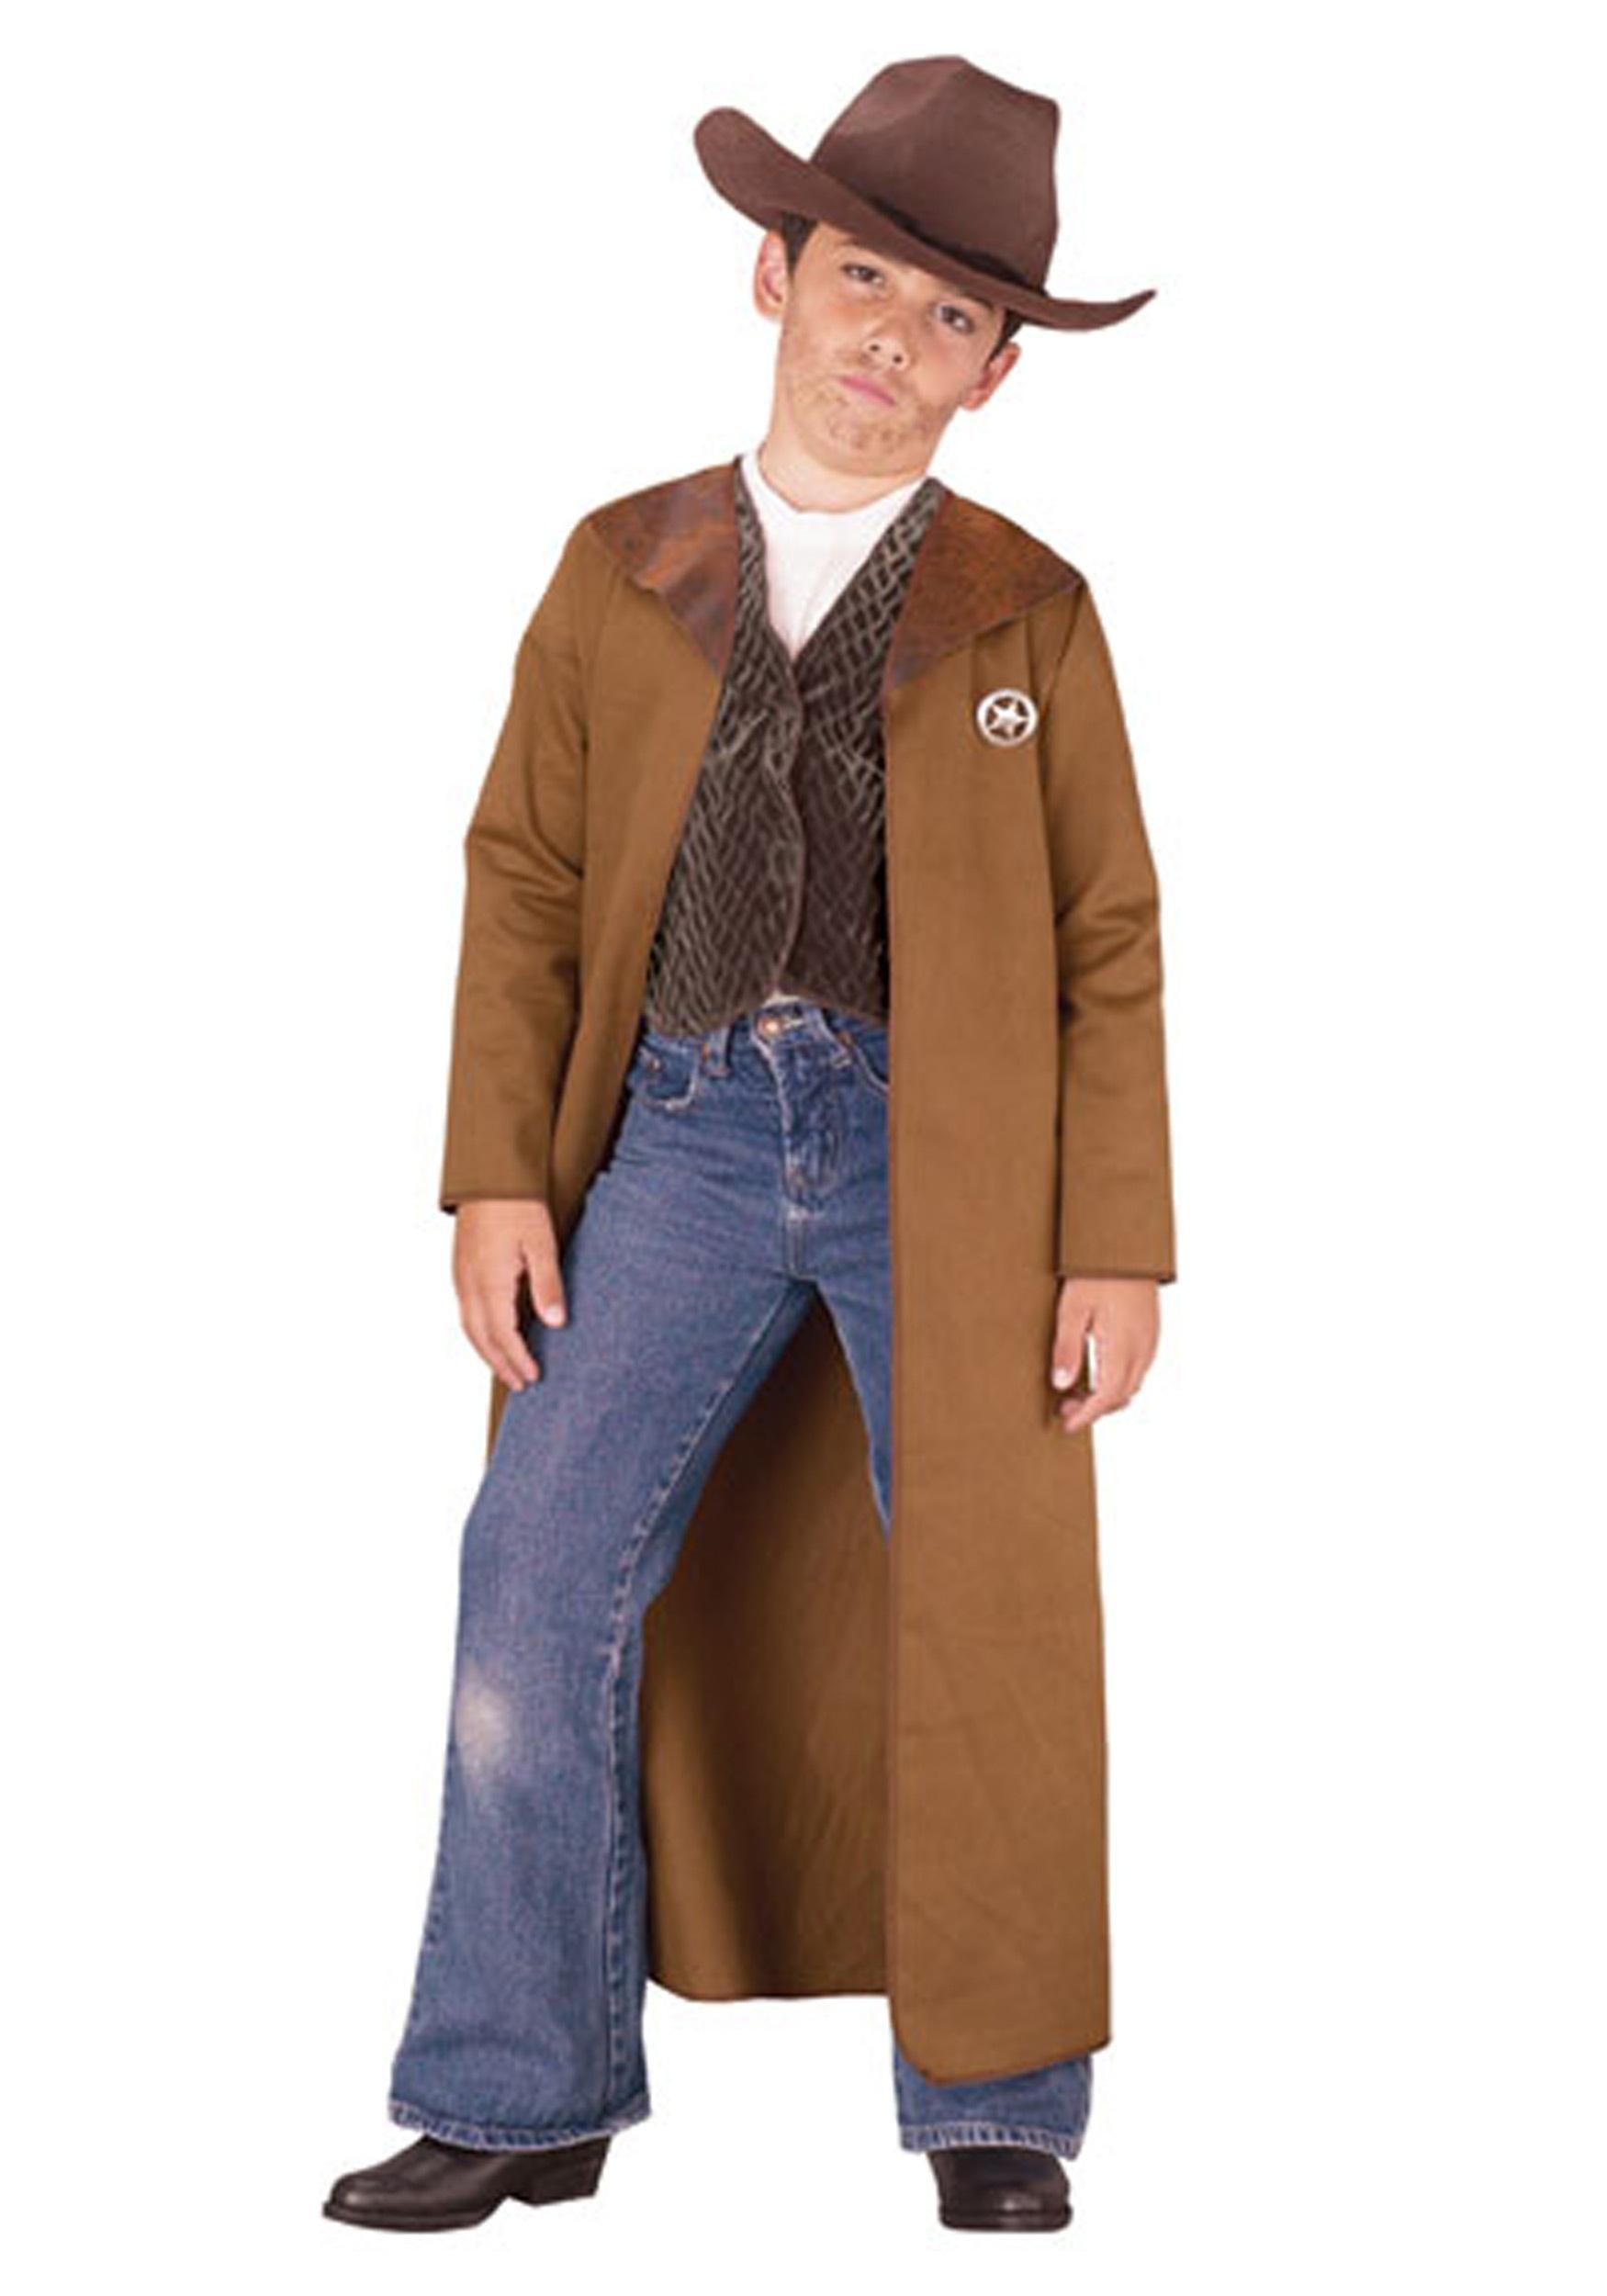 American Sheriff Costume This Kids Sheriff Costume Will